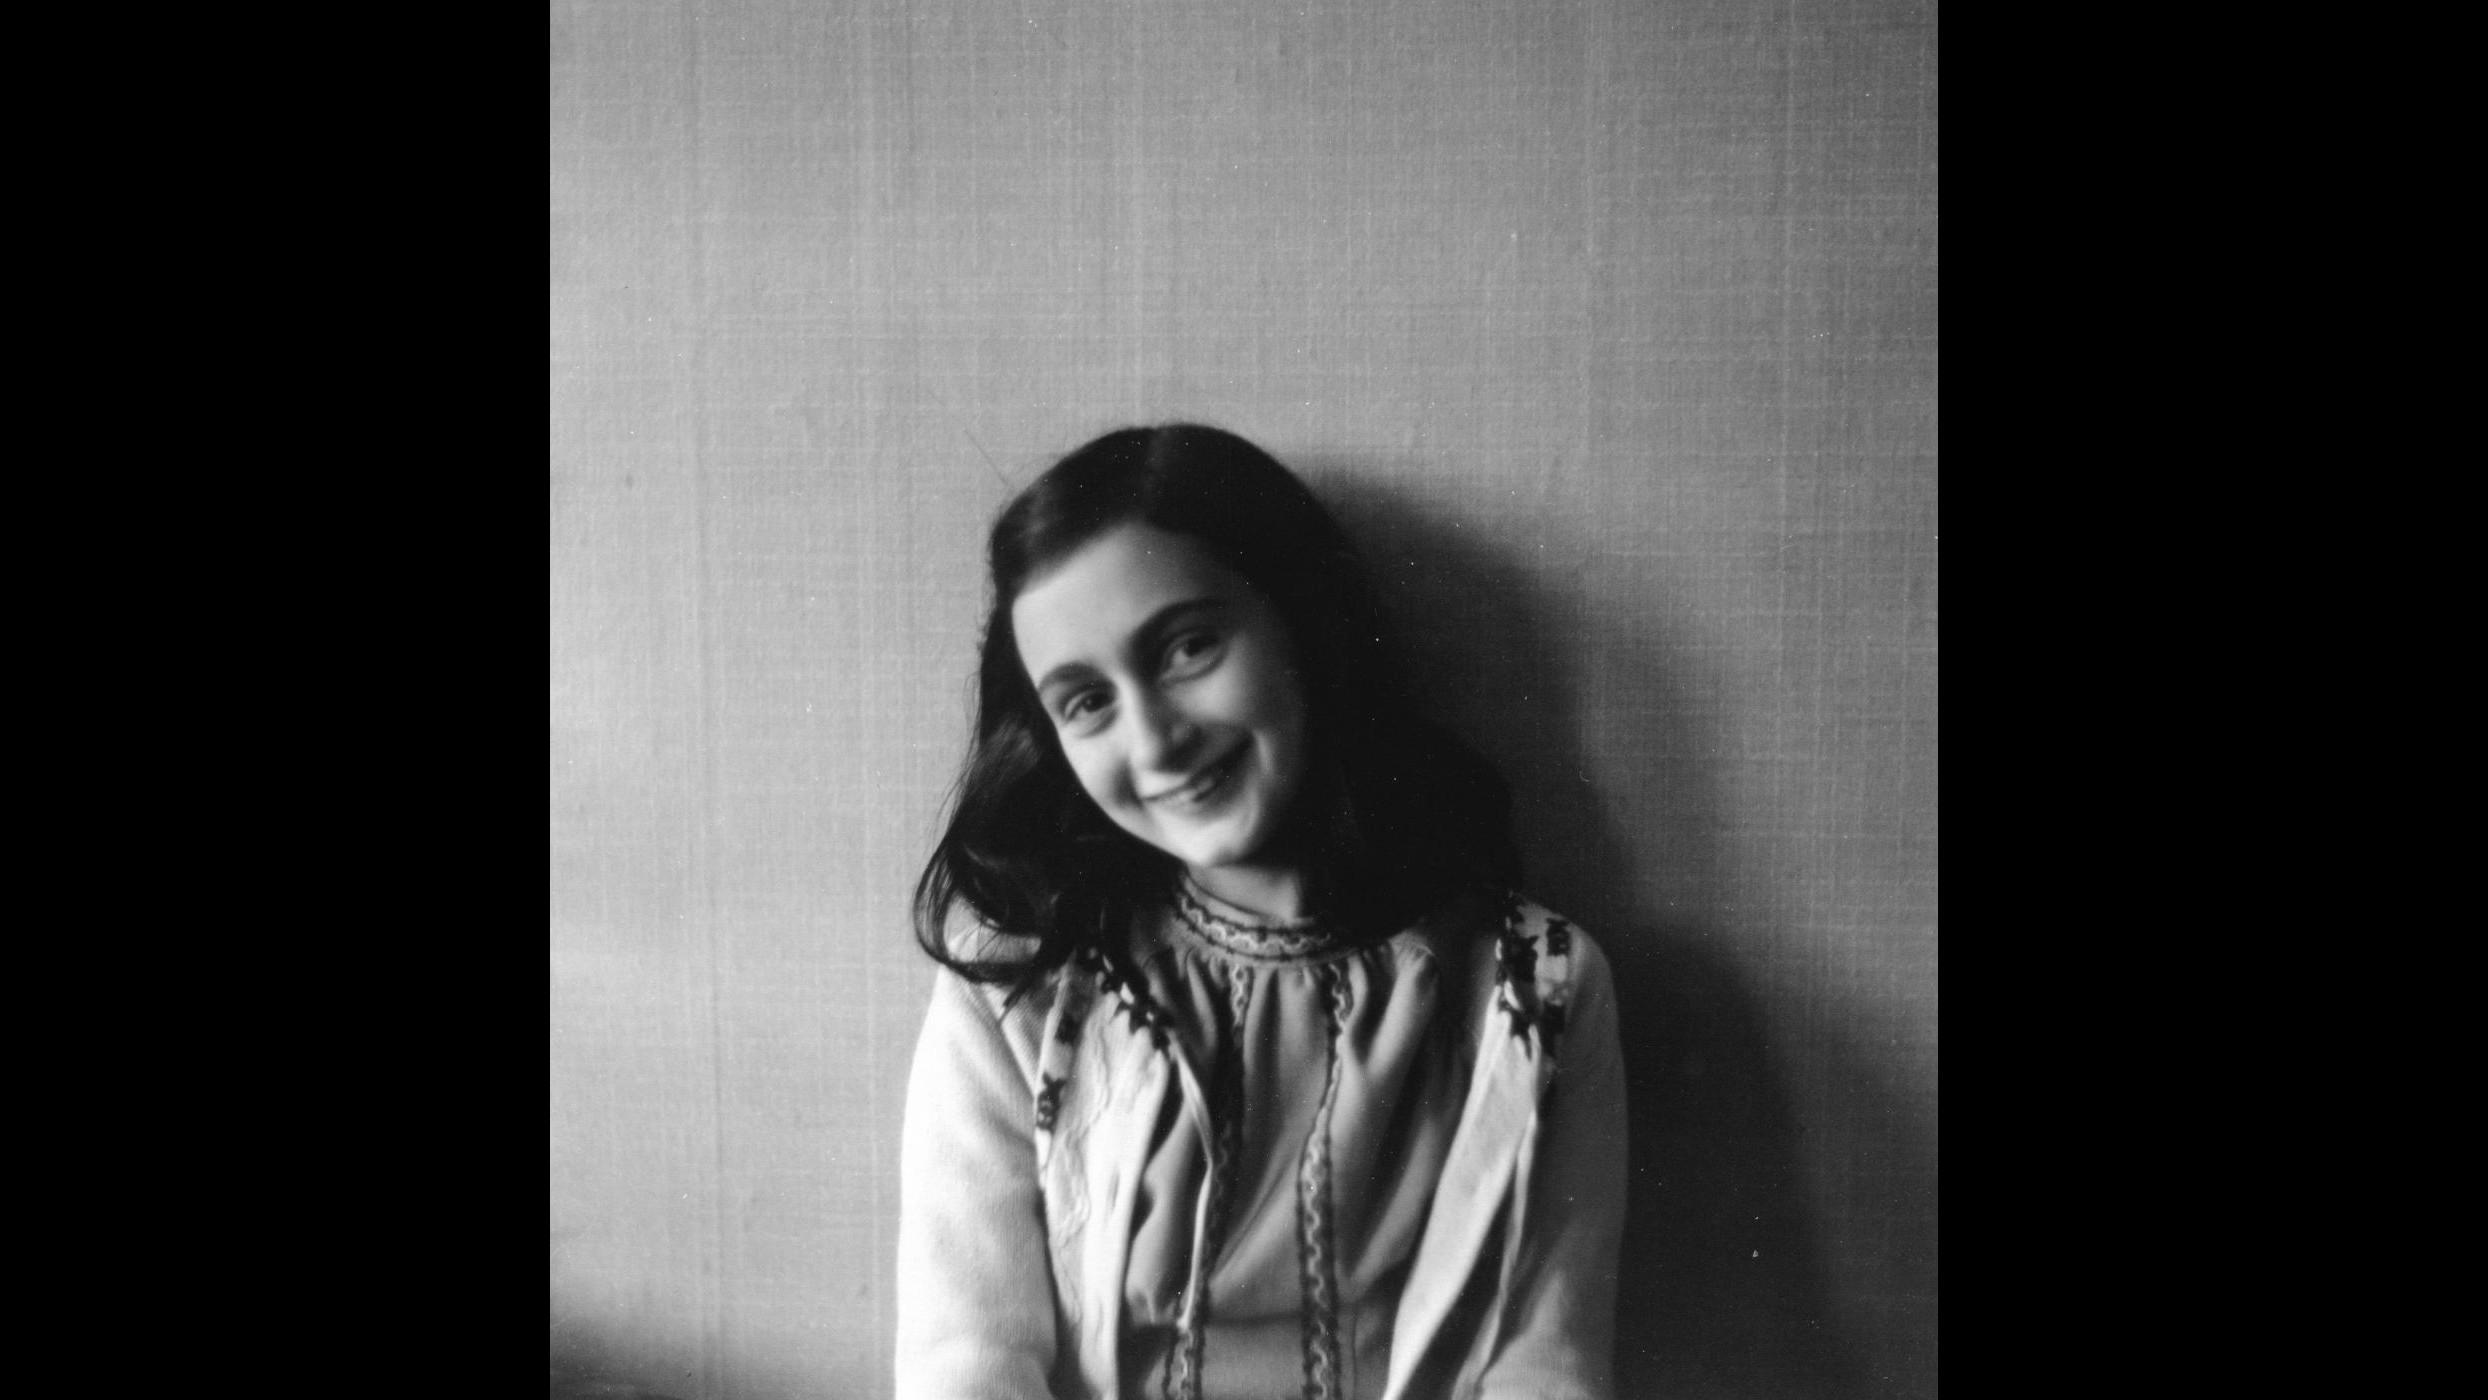 Apre per un giorno casa di Anna Frank prima di fuga in nascondiglio